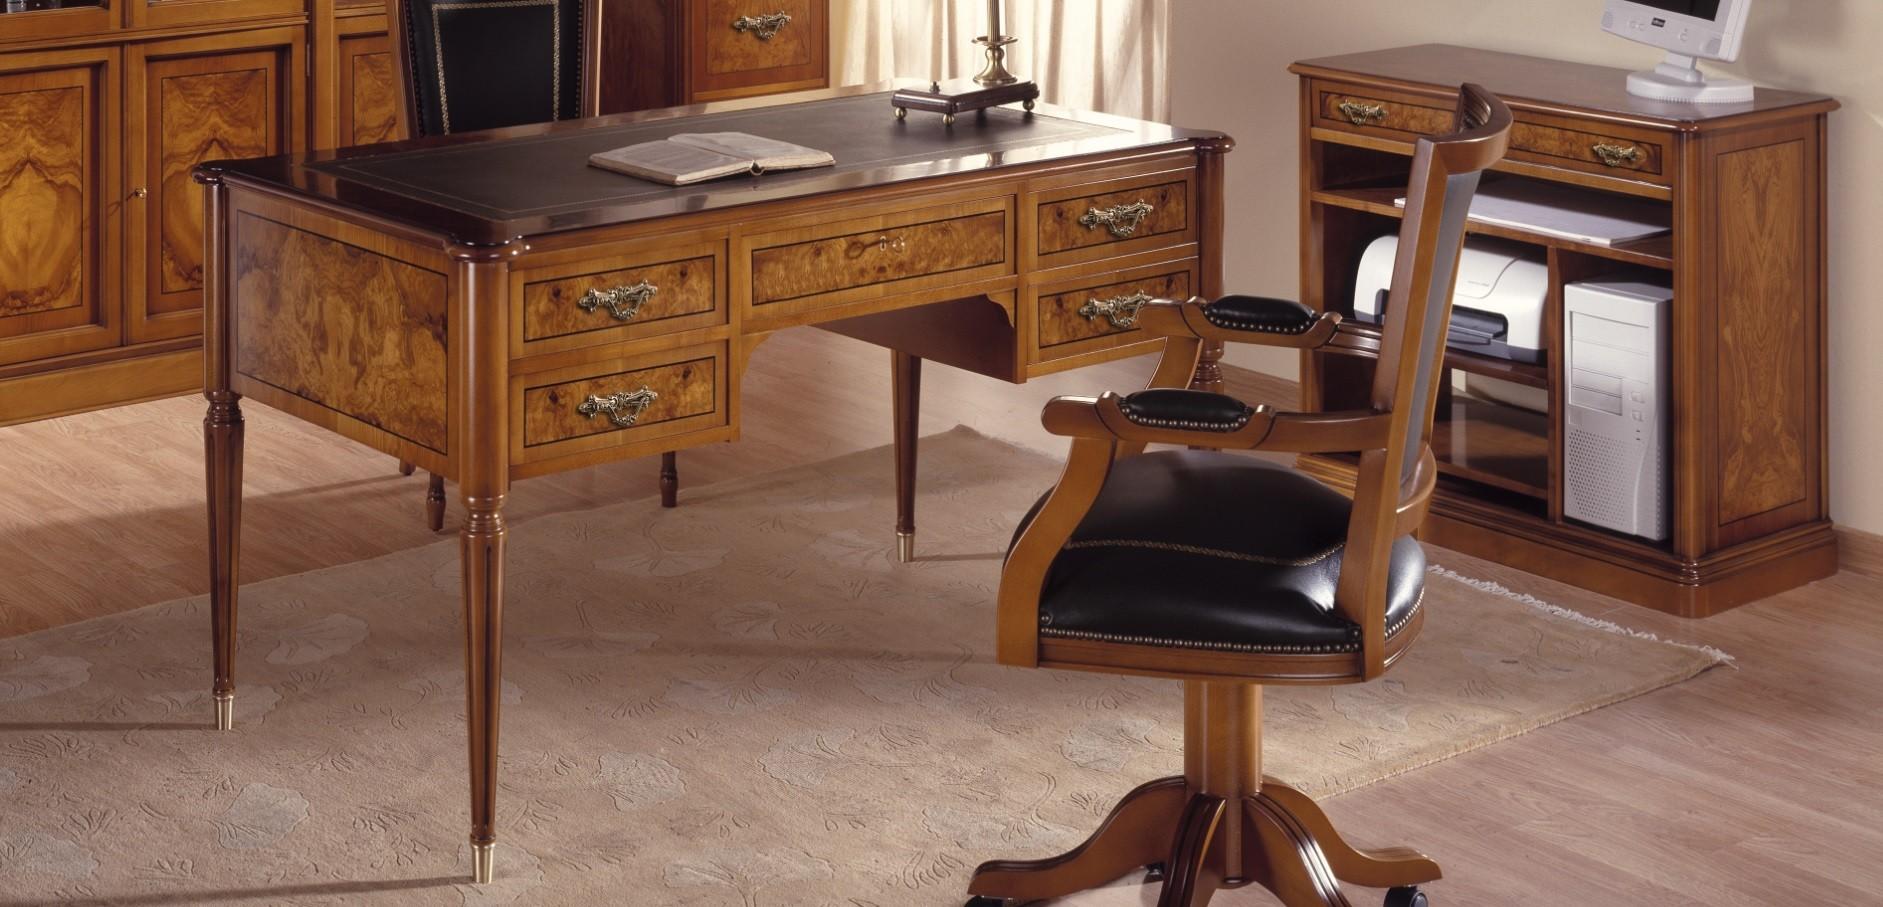 Mesas de despacho cl sicas espacios de trabajo acogedores for Muebles para despacho